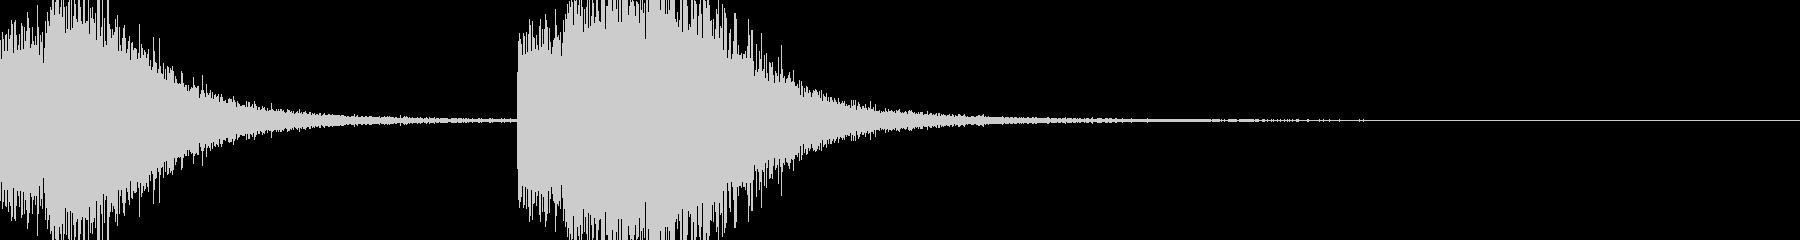 ガシャガシャ(暴れる・ノイズ有り)6の未再生の波形